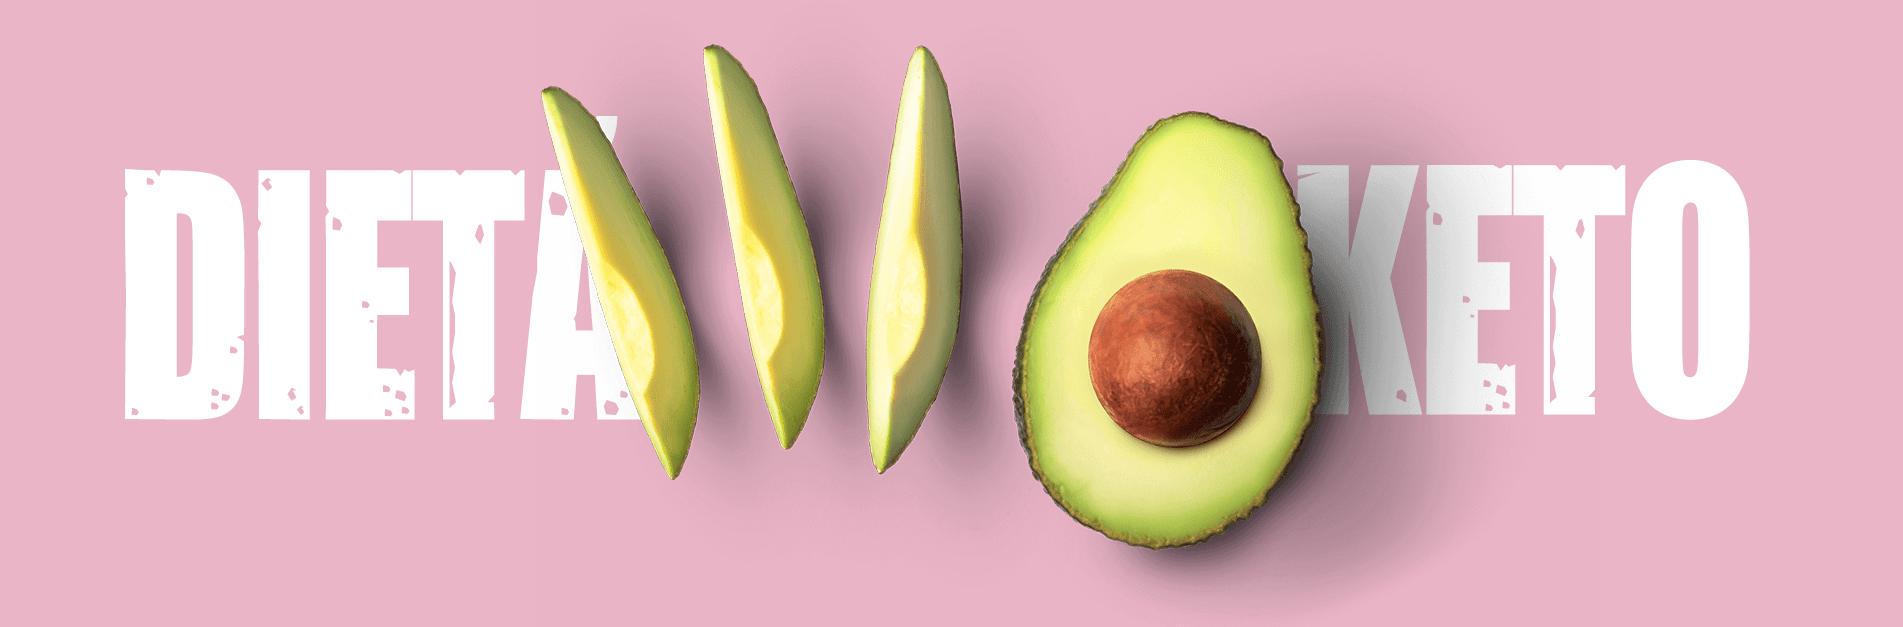 Dieta keto și colagen